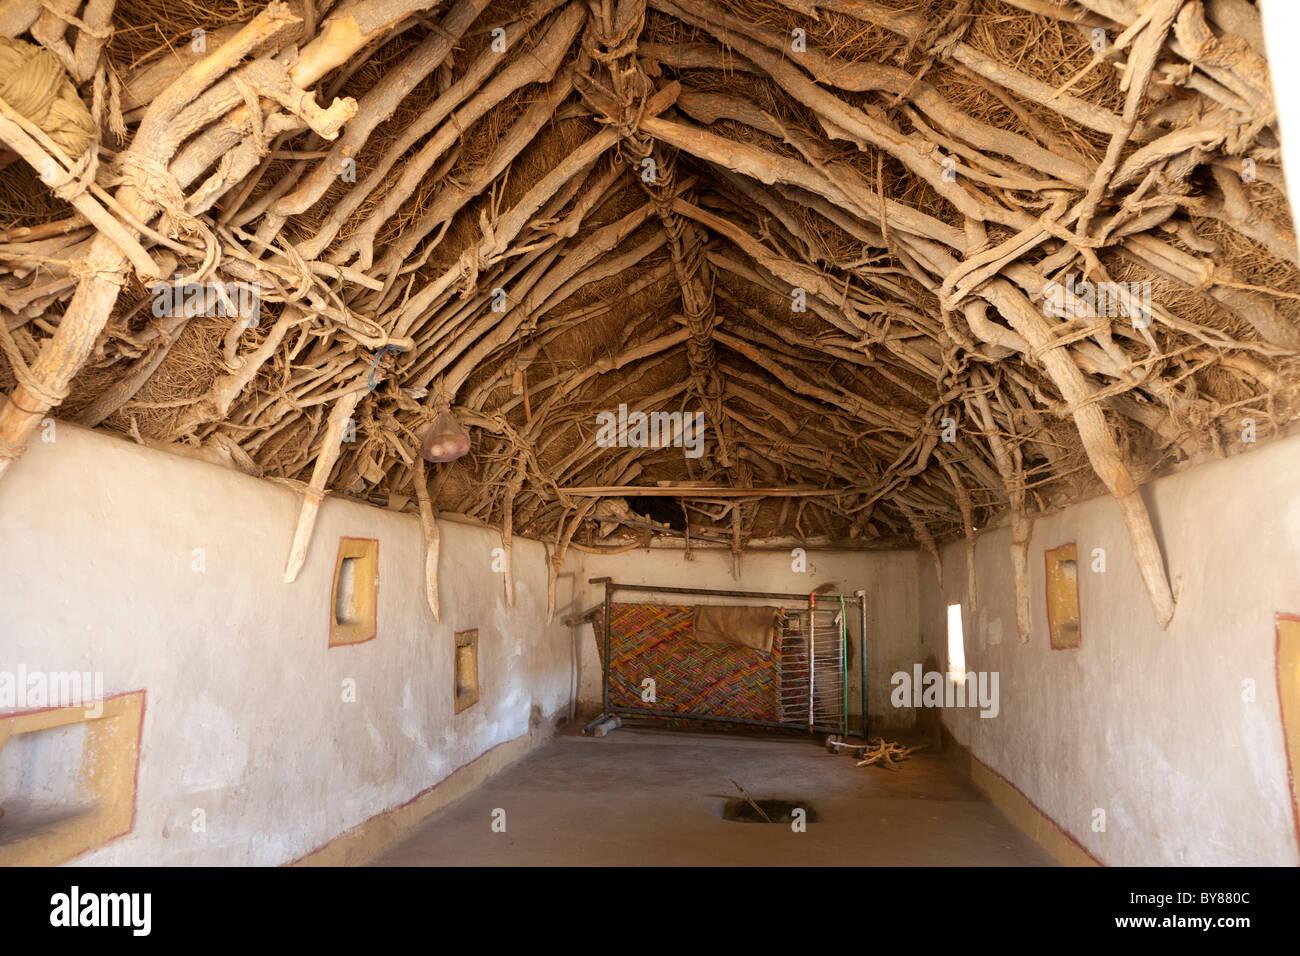 La India, Rajastán, Desierto de Thar, el interior del hogar mostrando el método tradicional de construcción Imagen De Stock